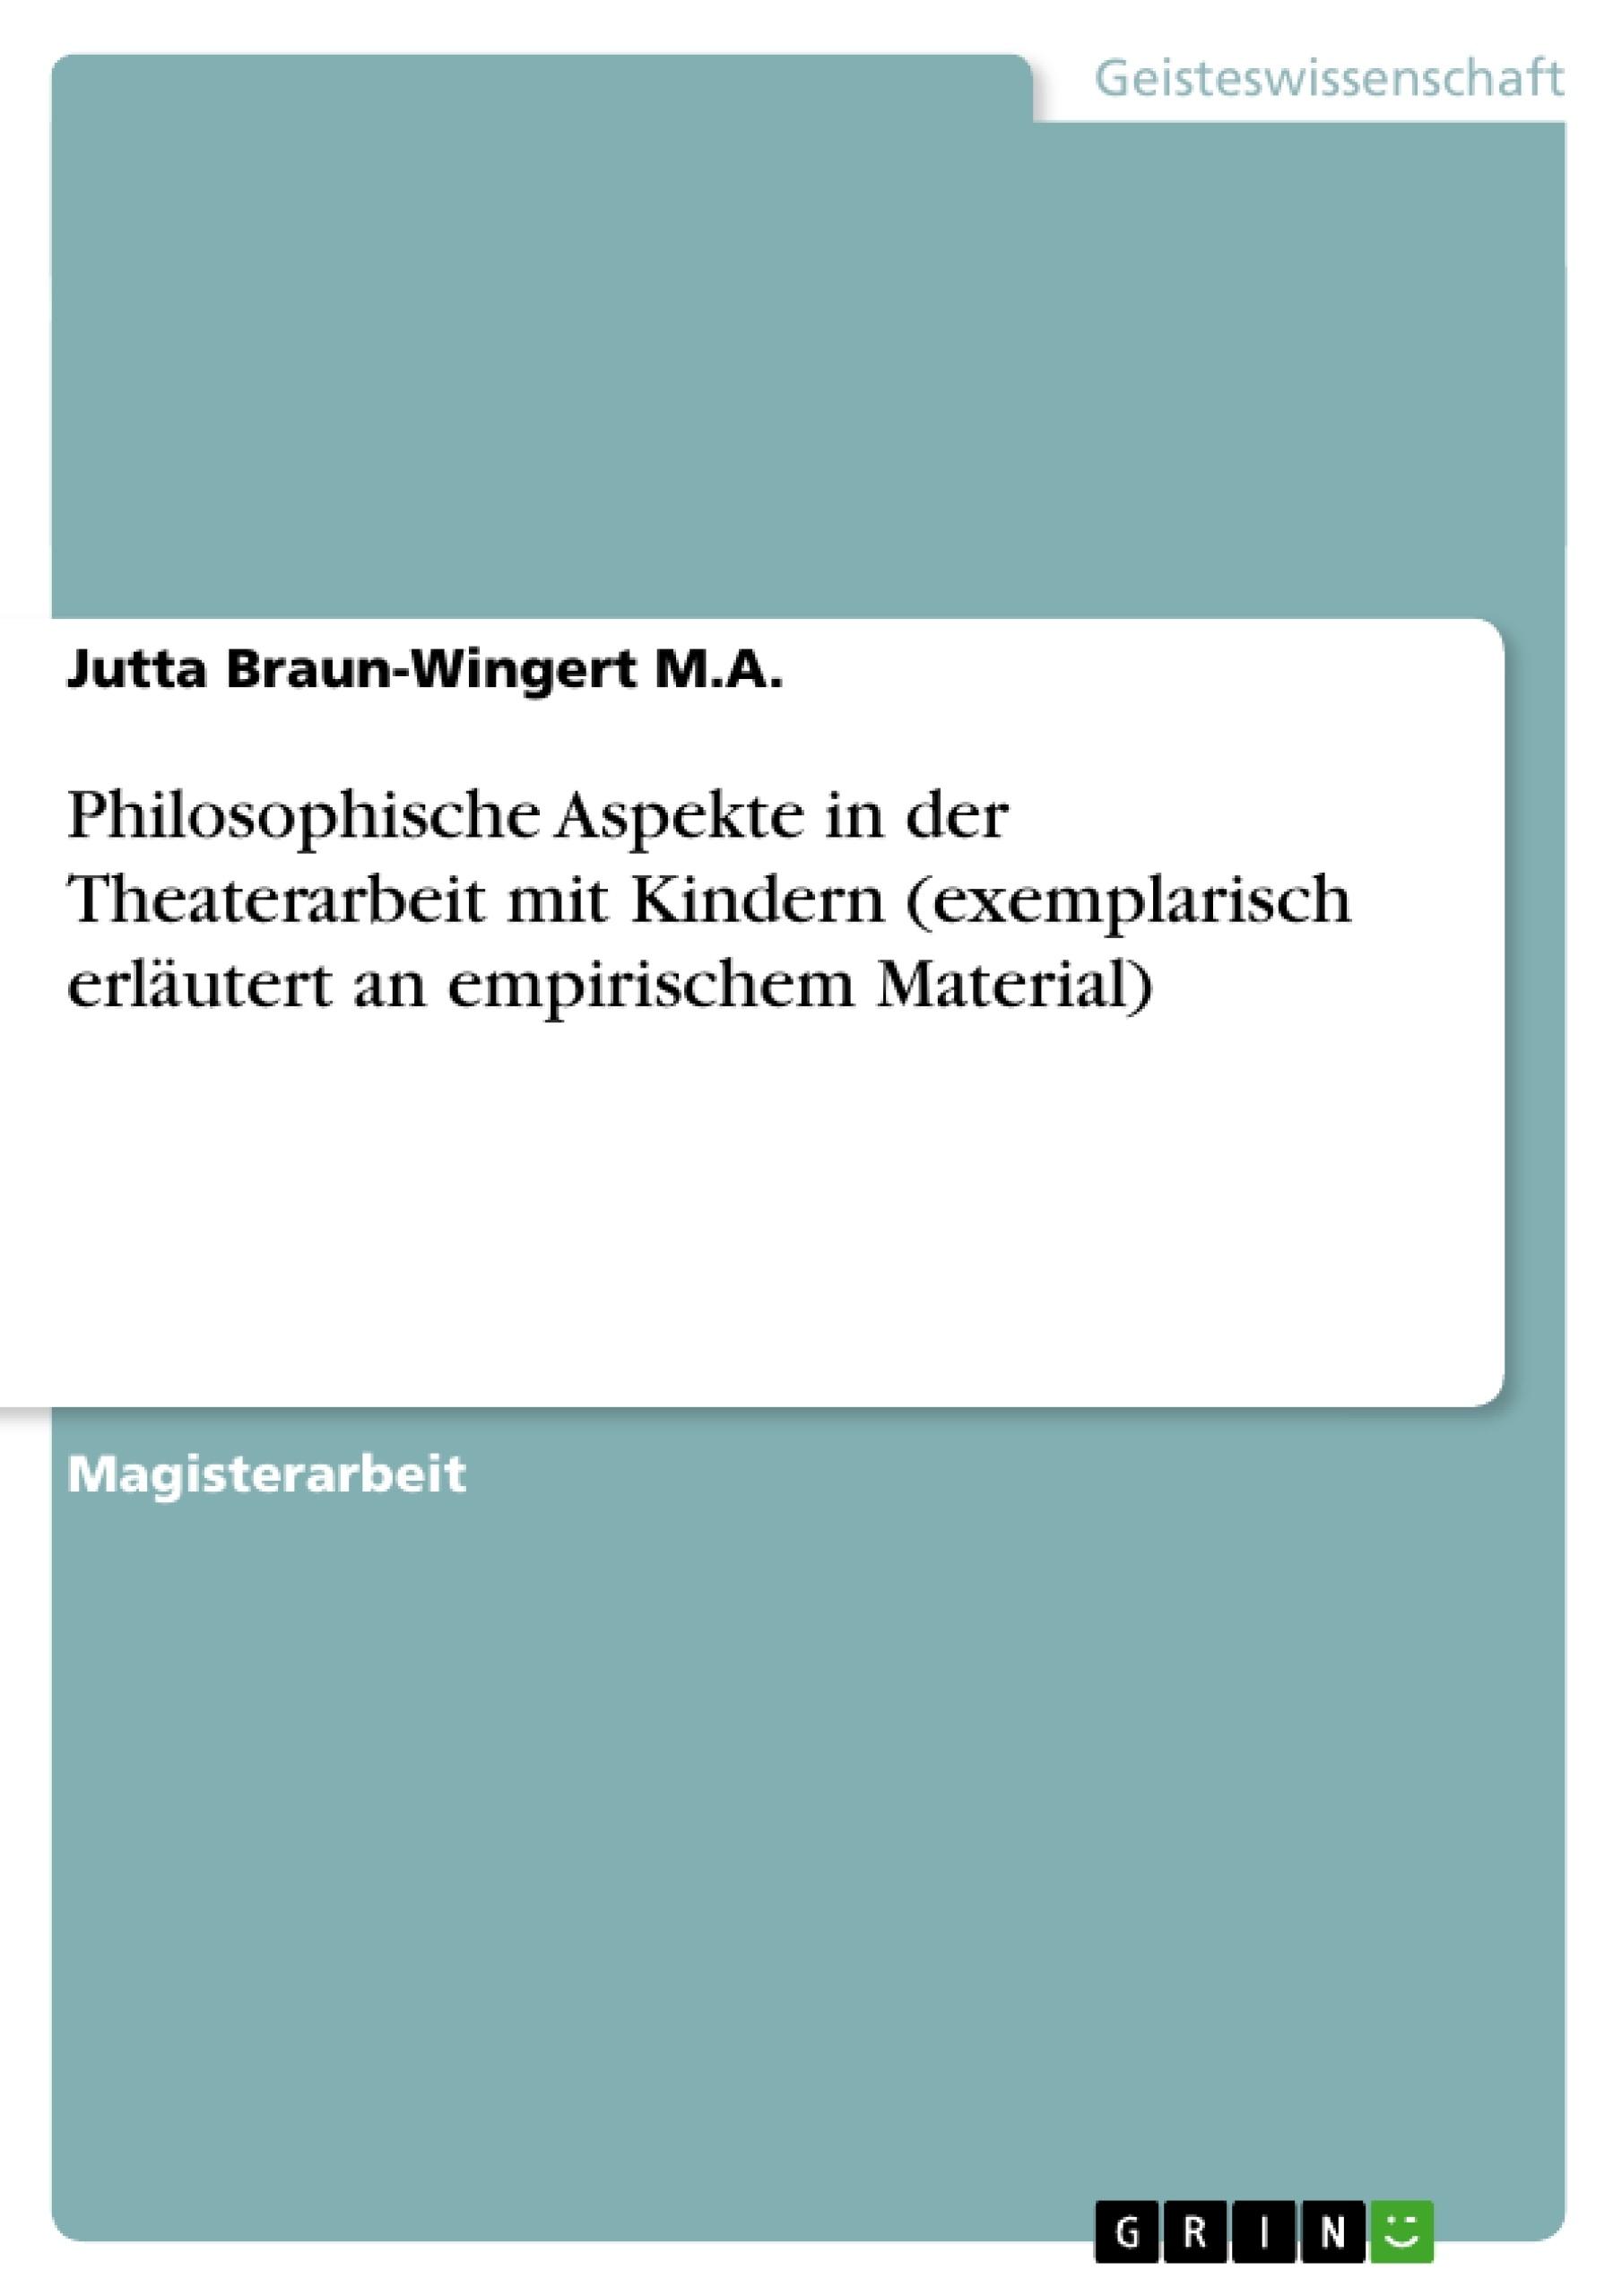 Titel: Philosophische Aspekte in der Theaterarbeit mit Kindern (exemplarisch erläutert an empirischem Material)